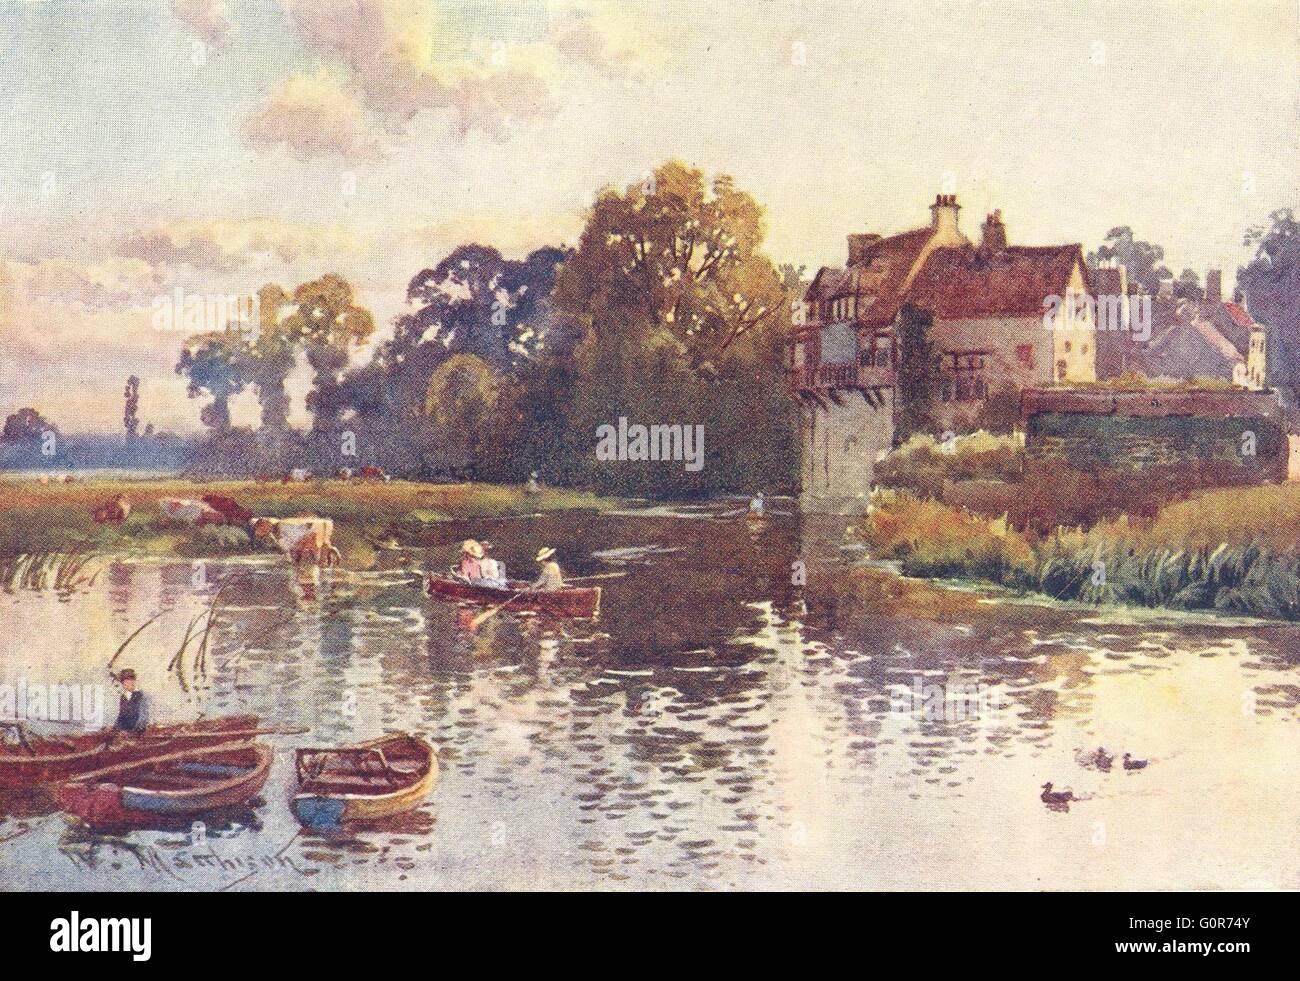 CAMBRIDGE: Granary, Cam, antique print 1907 - Stock Image